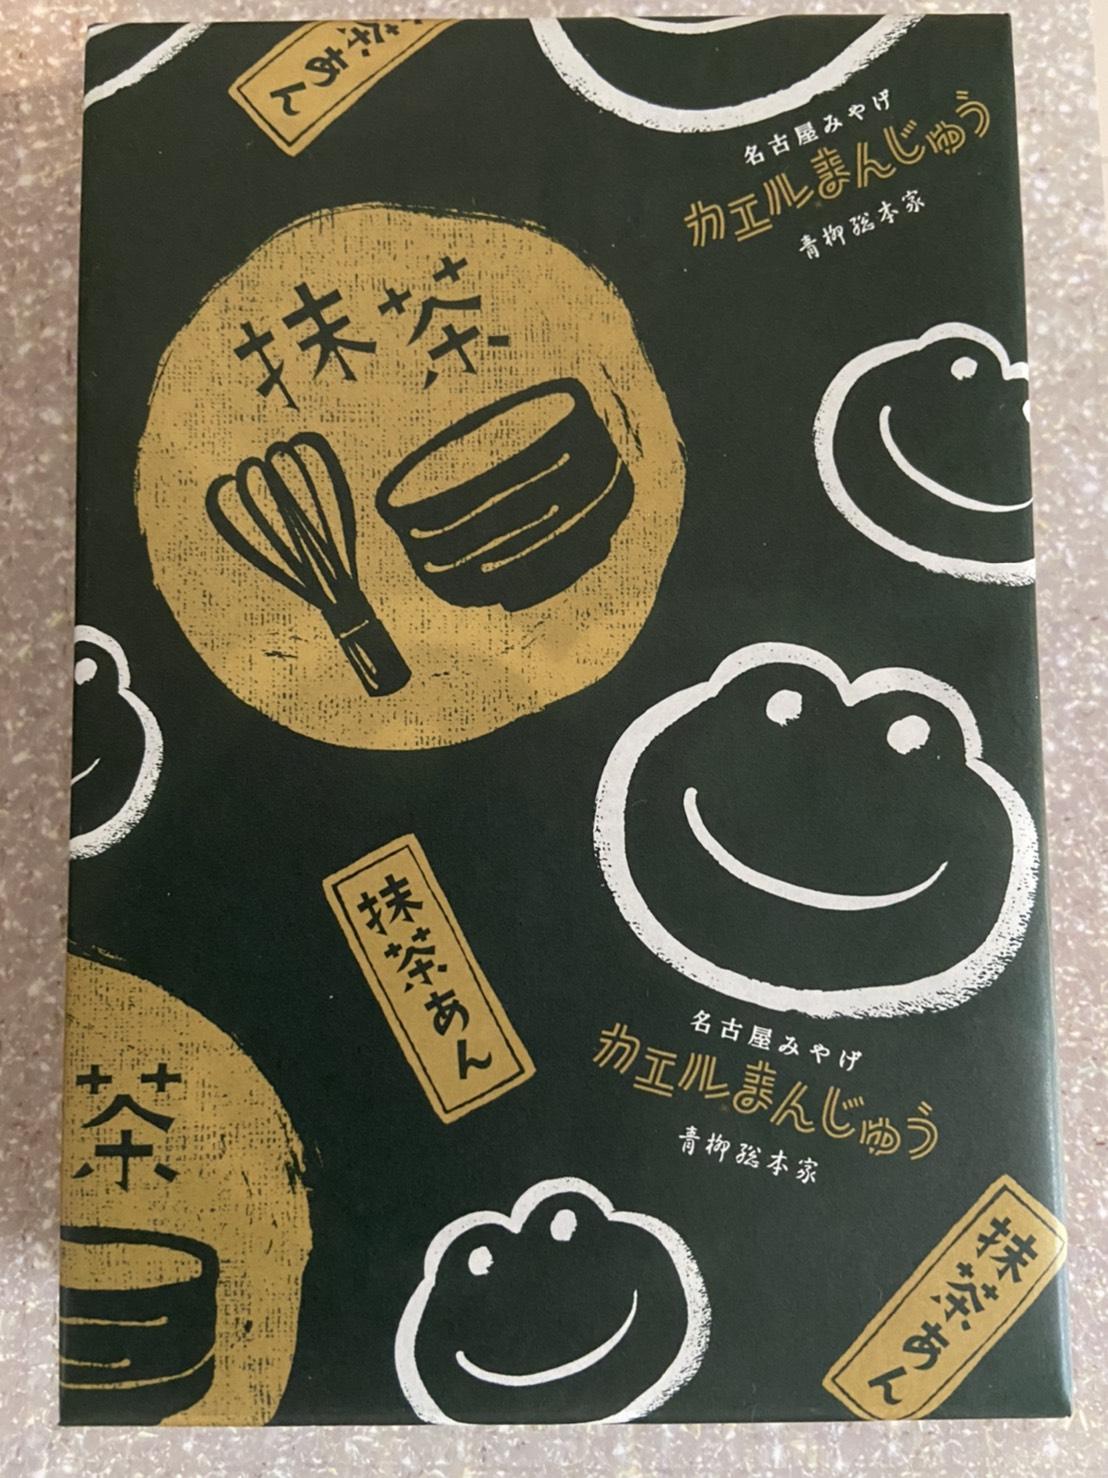 【和菓子の日】名古屋人なら皆歌える!?美味しくて可愛い隠れ名物!【限定抹茶味】_3